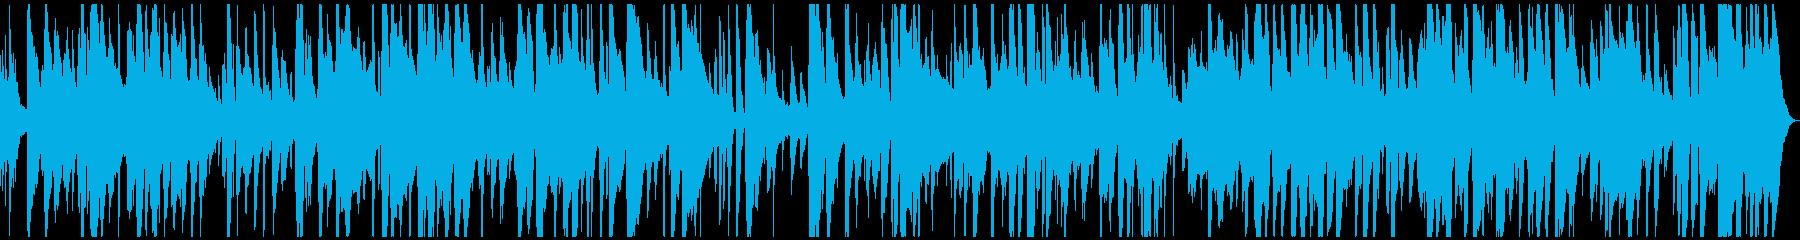 スチールドラムとギターのゆったりレゲエの再生済みの波形